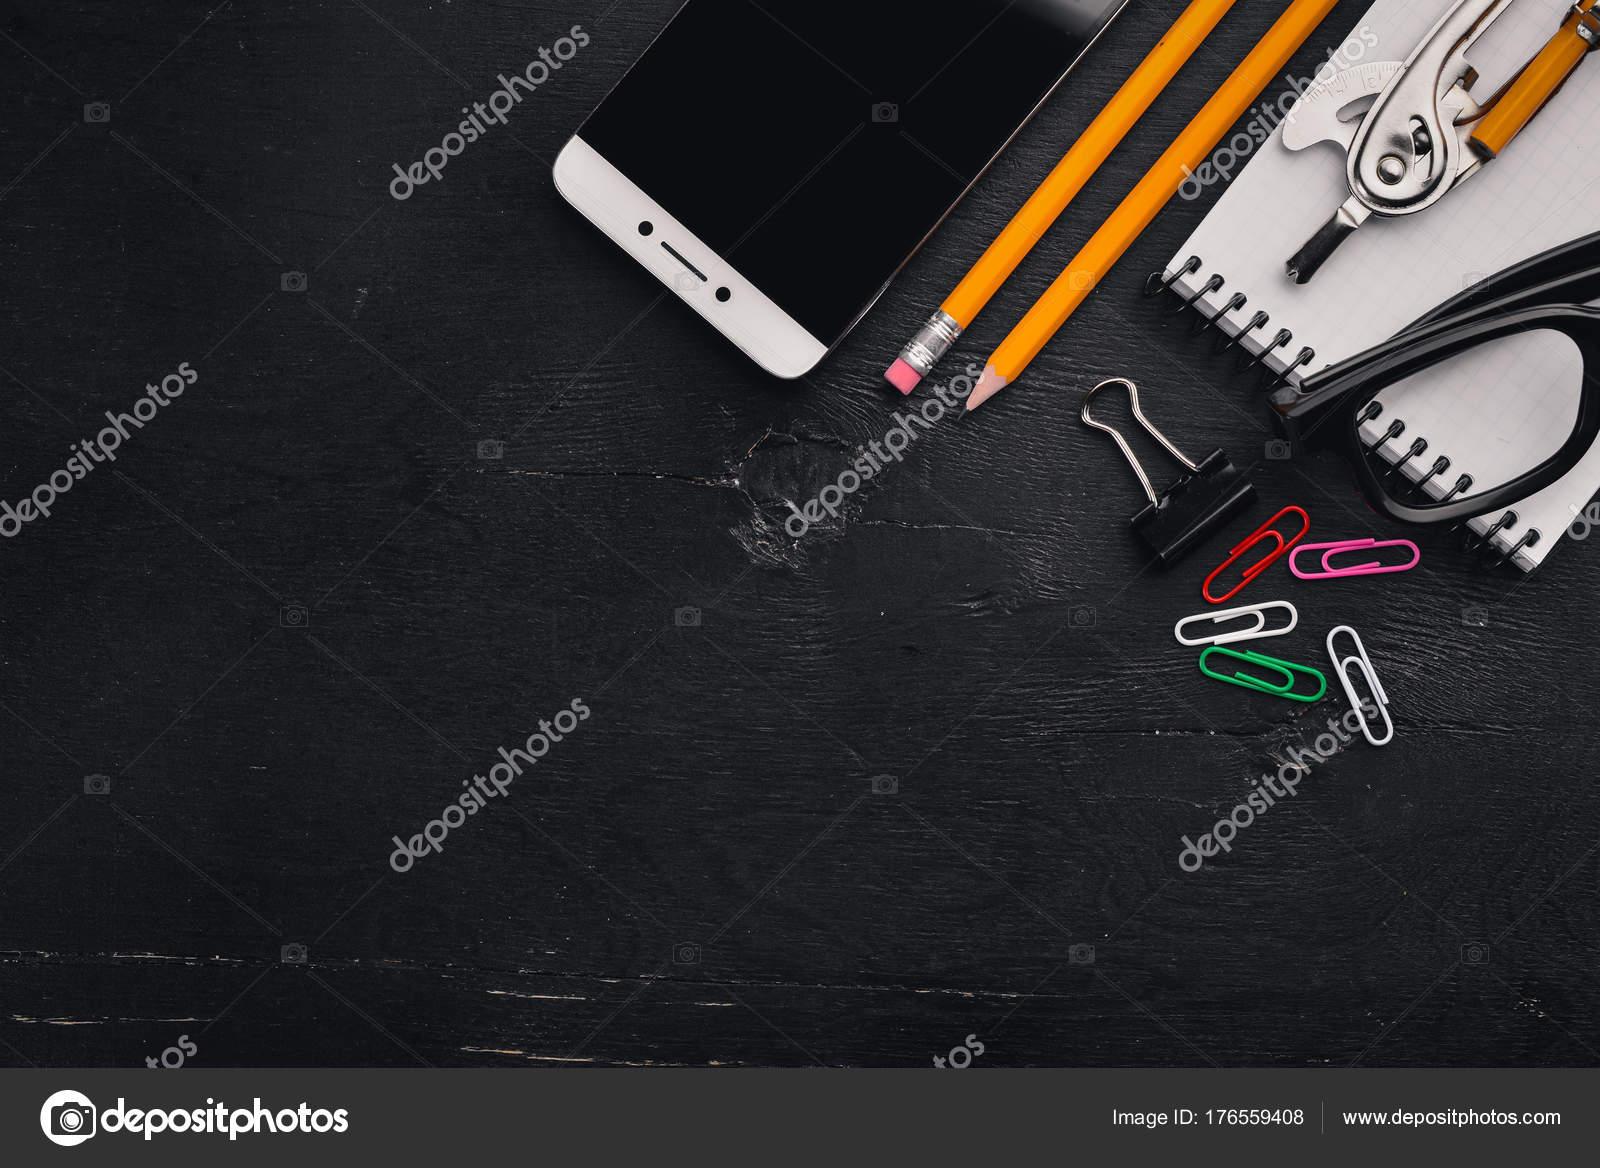 Scrivania Telefono Cellulare Notebook Matita Occhiali Ufficio Uno